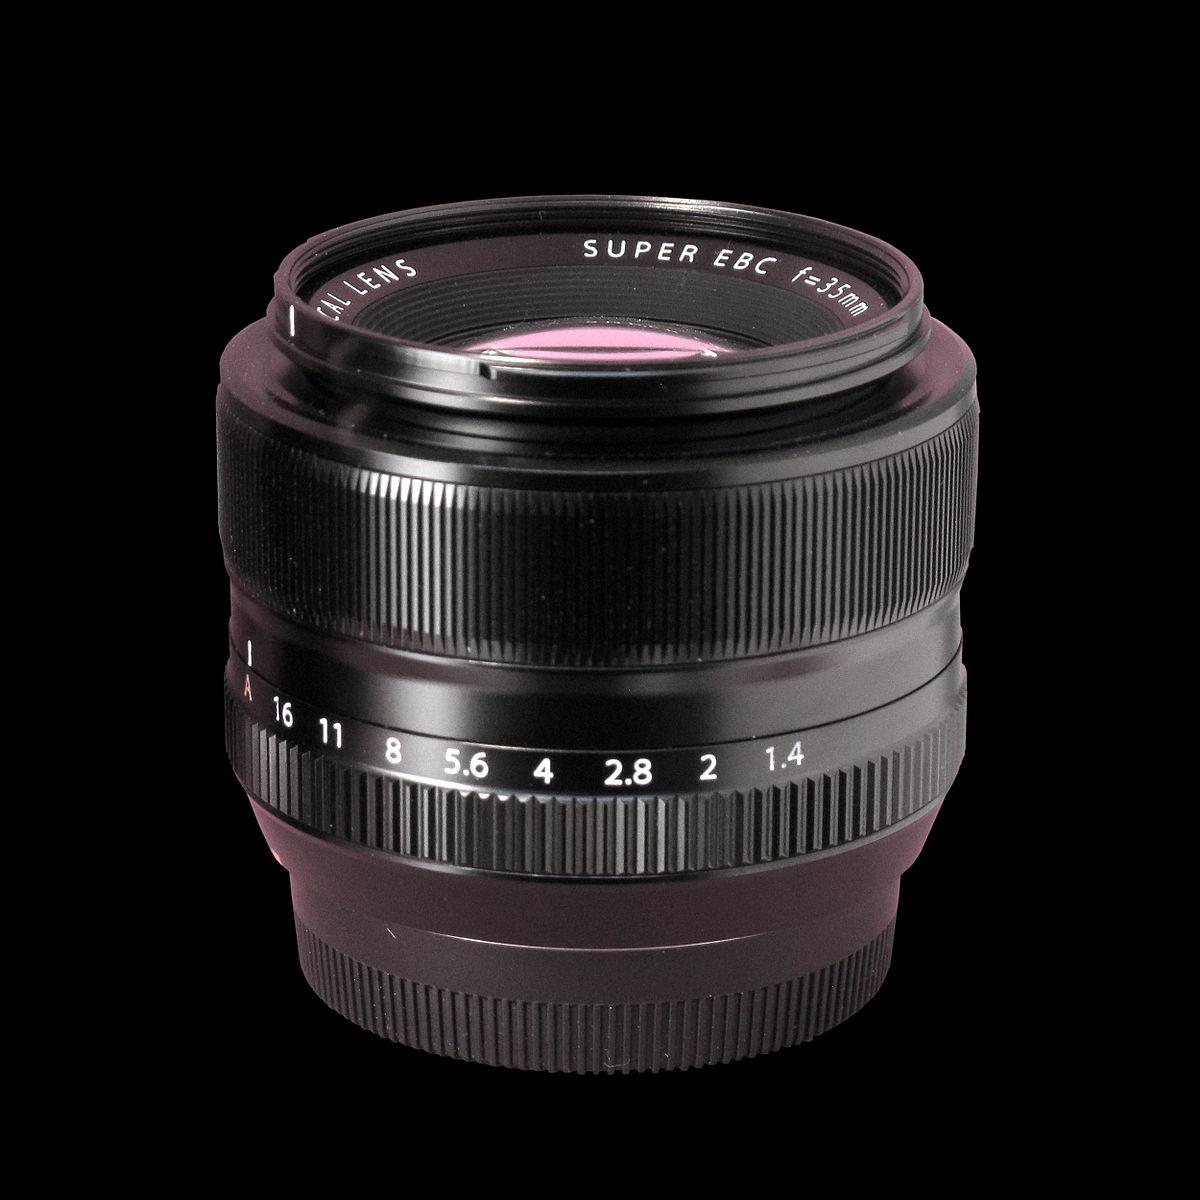 Fujifilm X Mount Wikipedia E3 Kit Xf 18 55mm F 28 4 R Lm Ois Silver